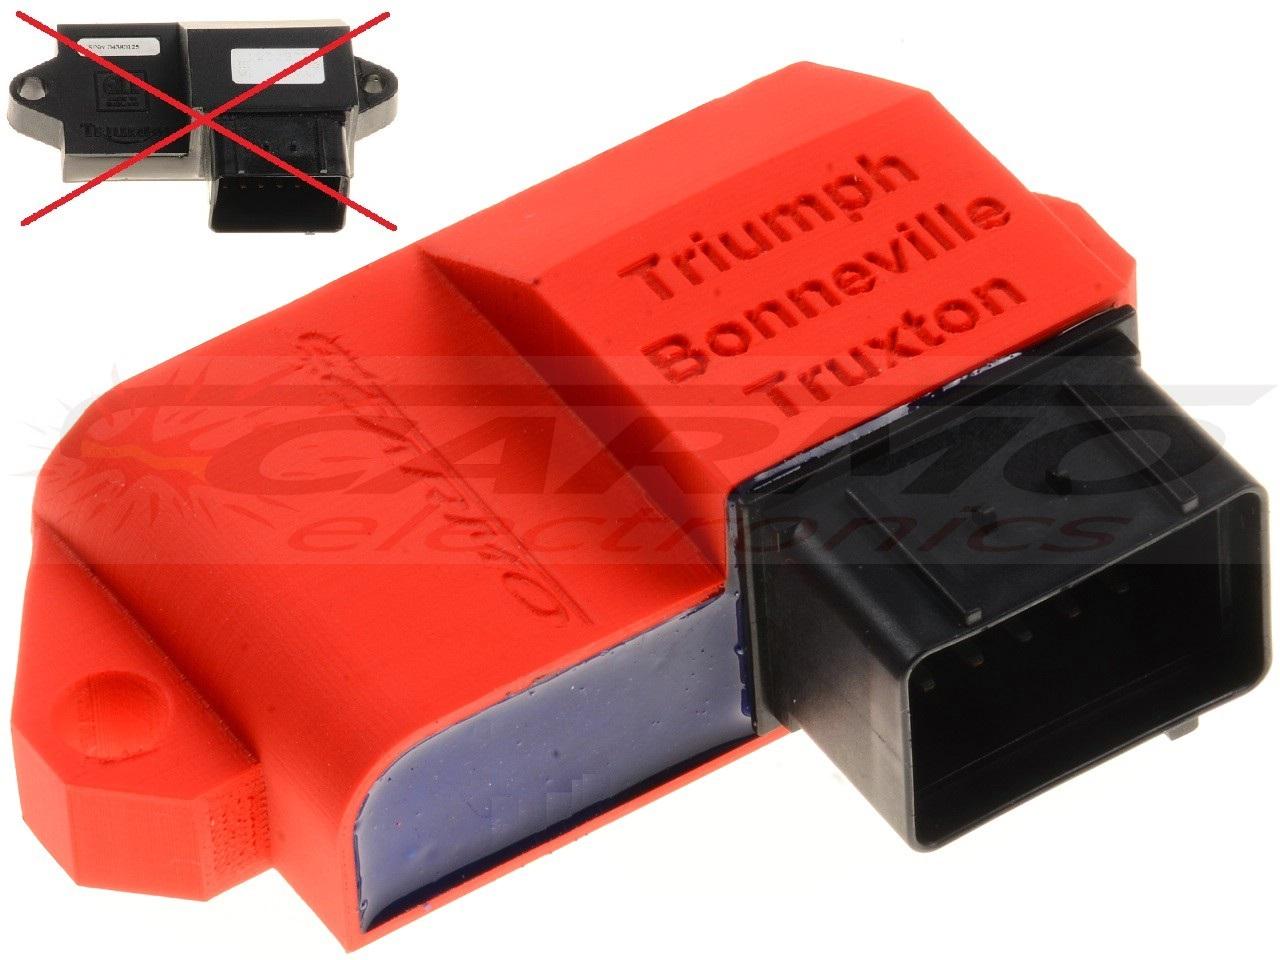 Triumph Bonneville T100 Cdi Igniter 1292375 Triumph Bonneville